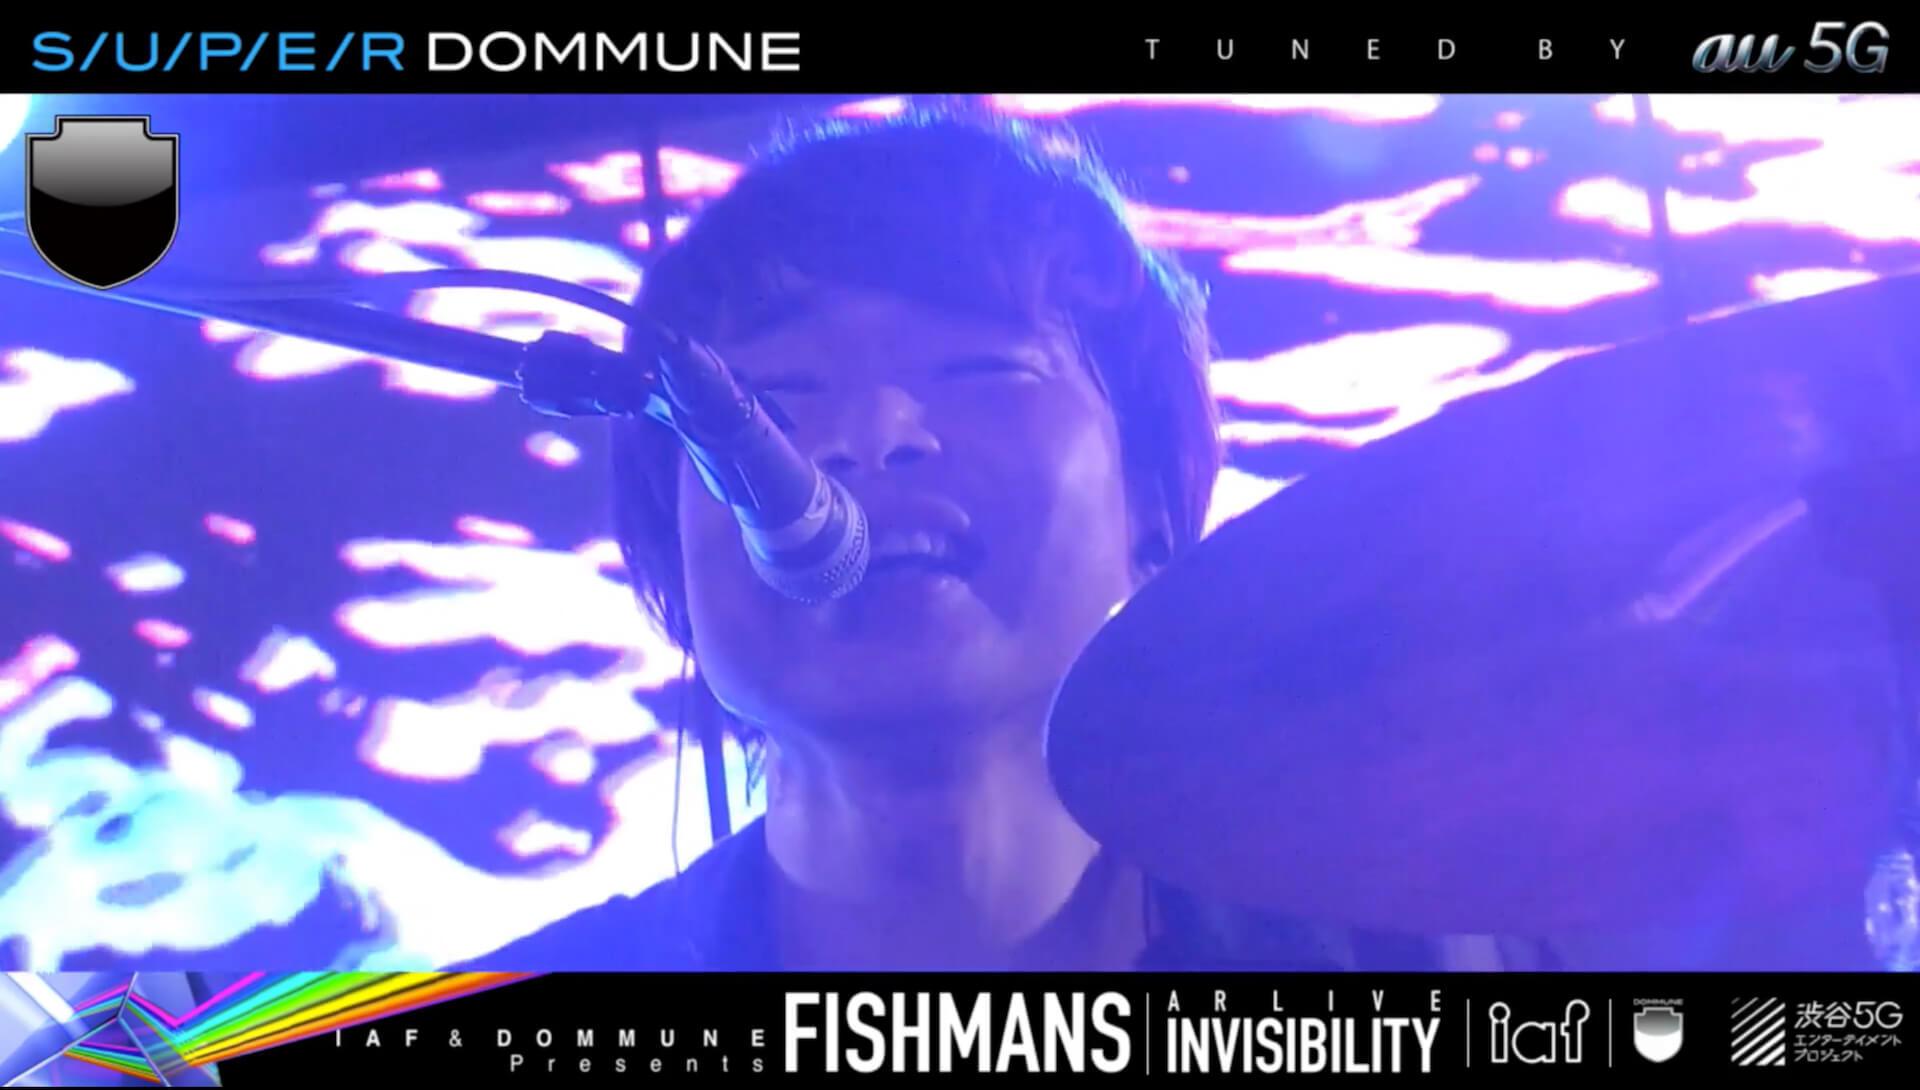 リアルとバーチャルのシナジーが生まれたFISHMANS AR LIVE<INVISIBILITY> music200622_fishmans_superdommune_1